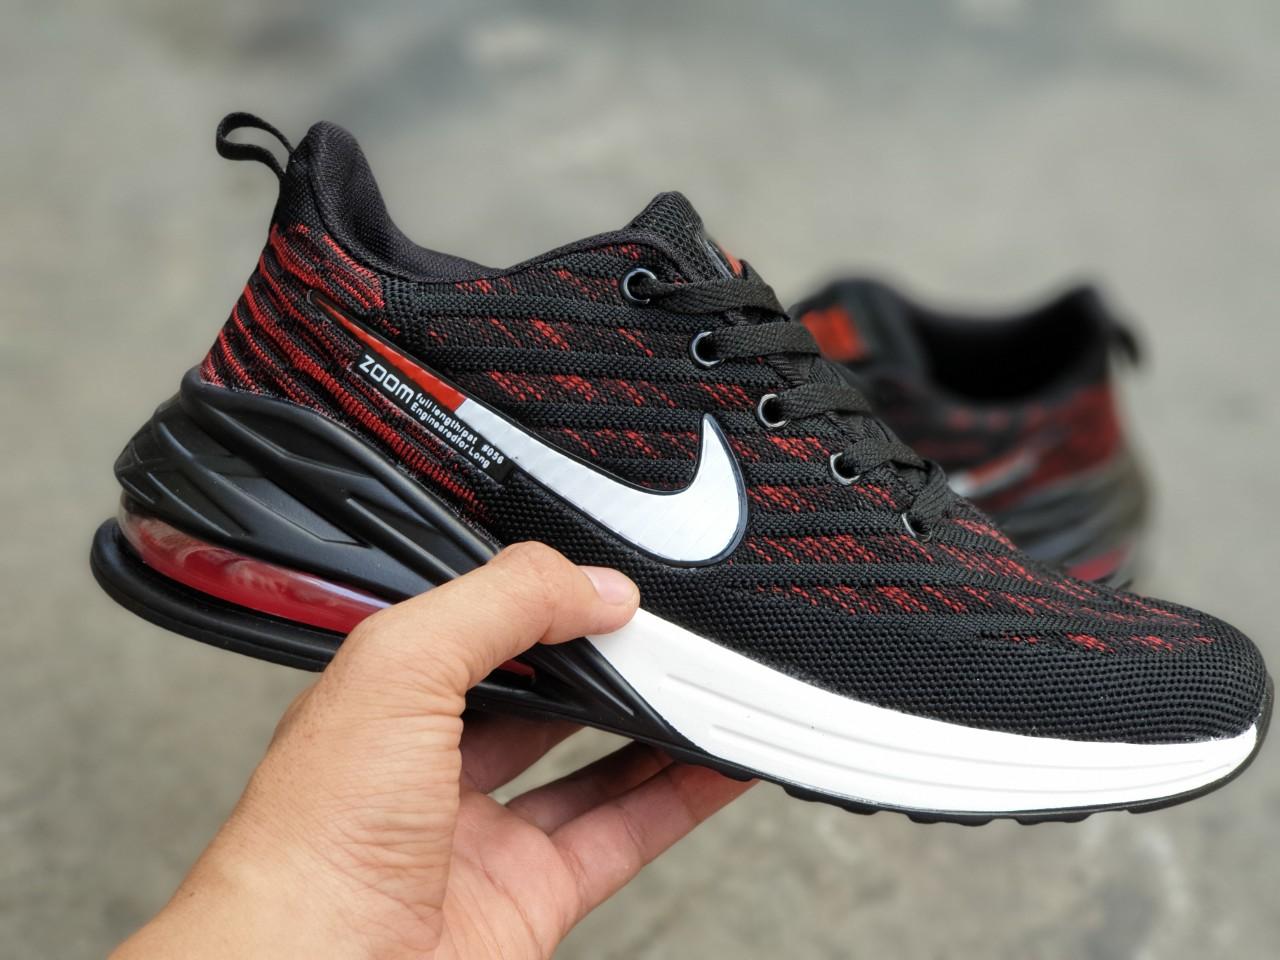 Giày Nike Zoom nam X3 đỏ